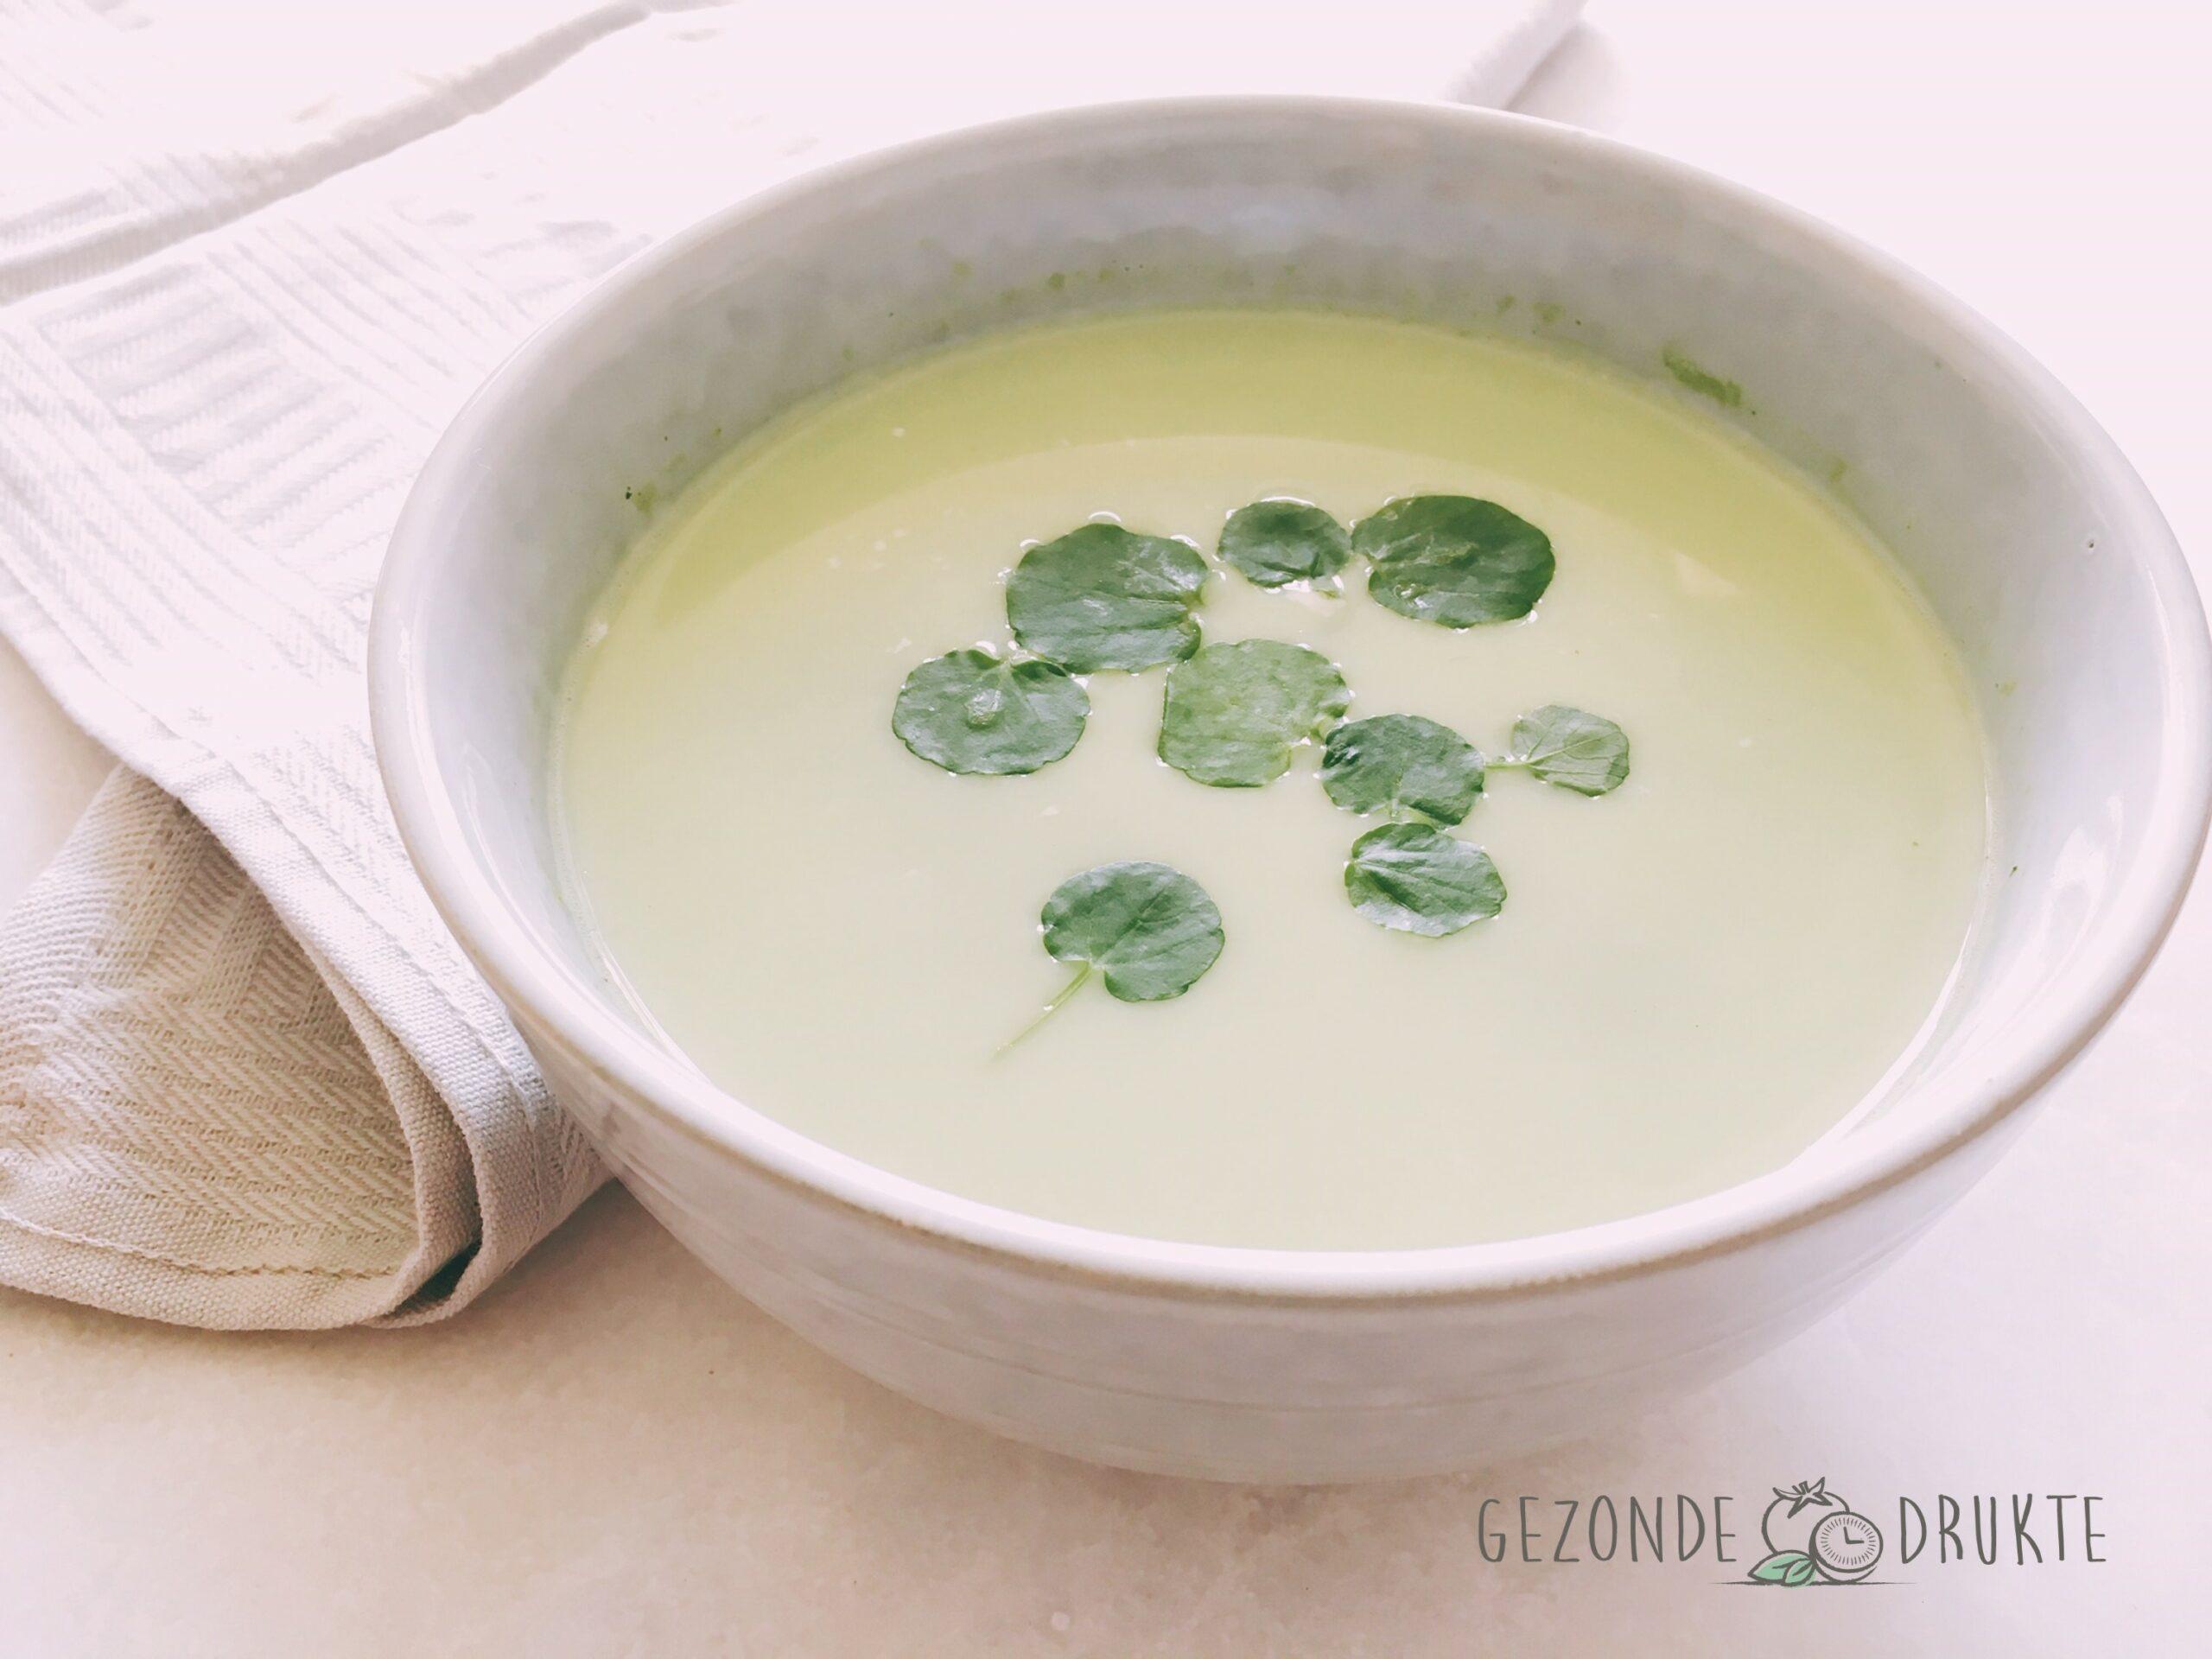 Waterker soep lente gezonde drukte gezond